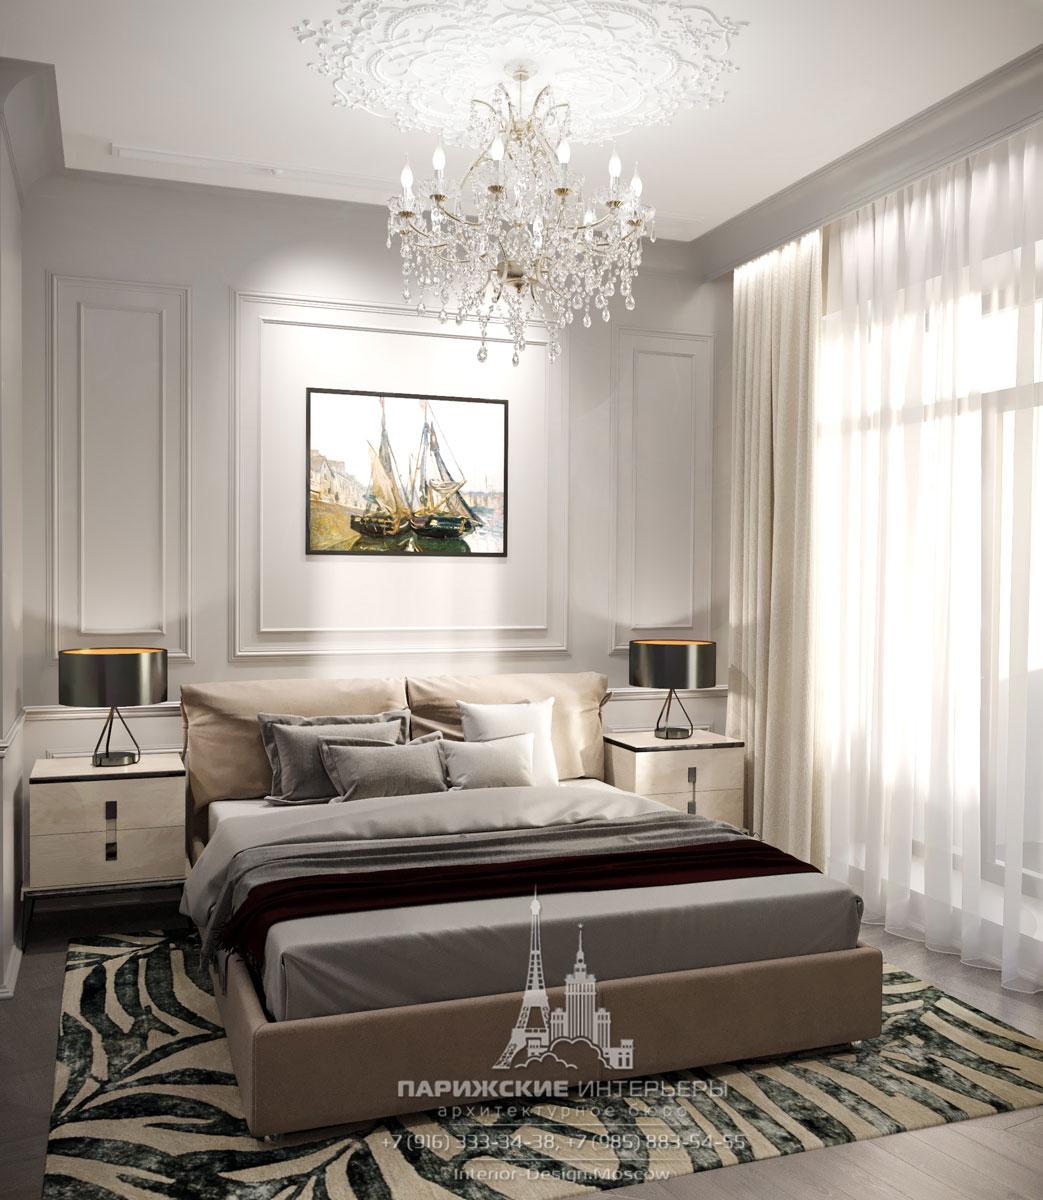 Дизайн интерьера спальни в квартире. Фото